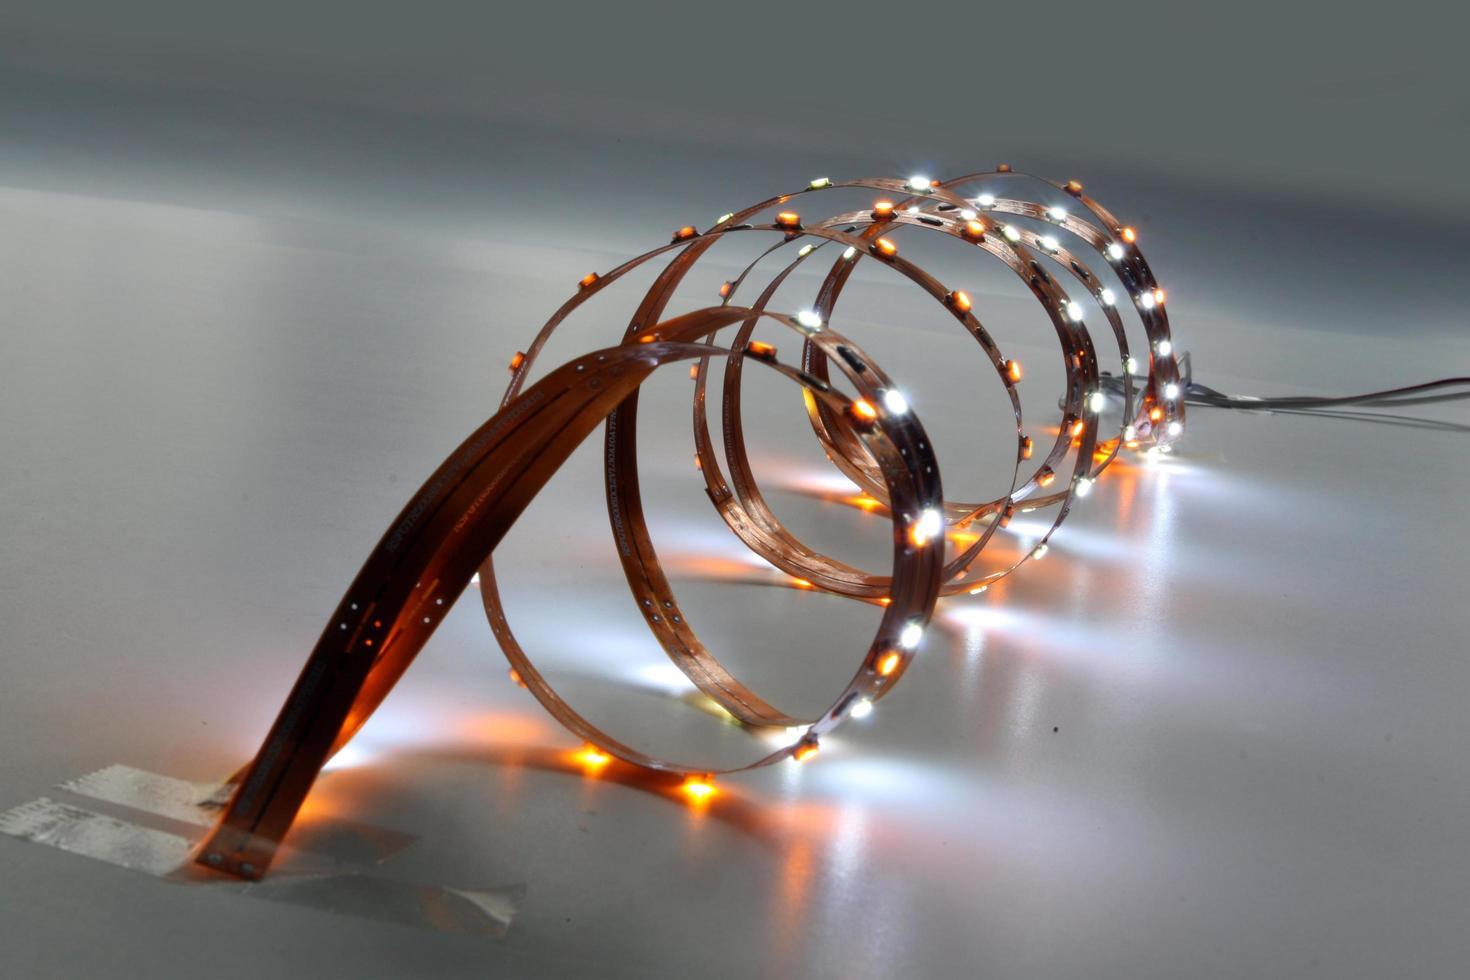 appareils d'éclairage menés dans diverses couleurs pour l'éclairage décoratif photo